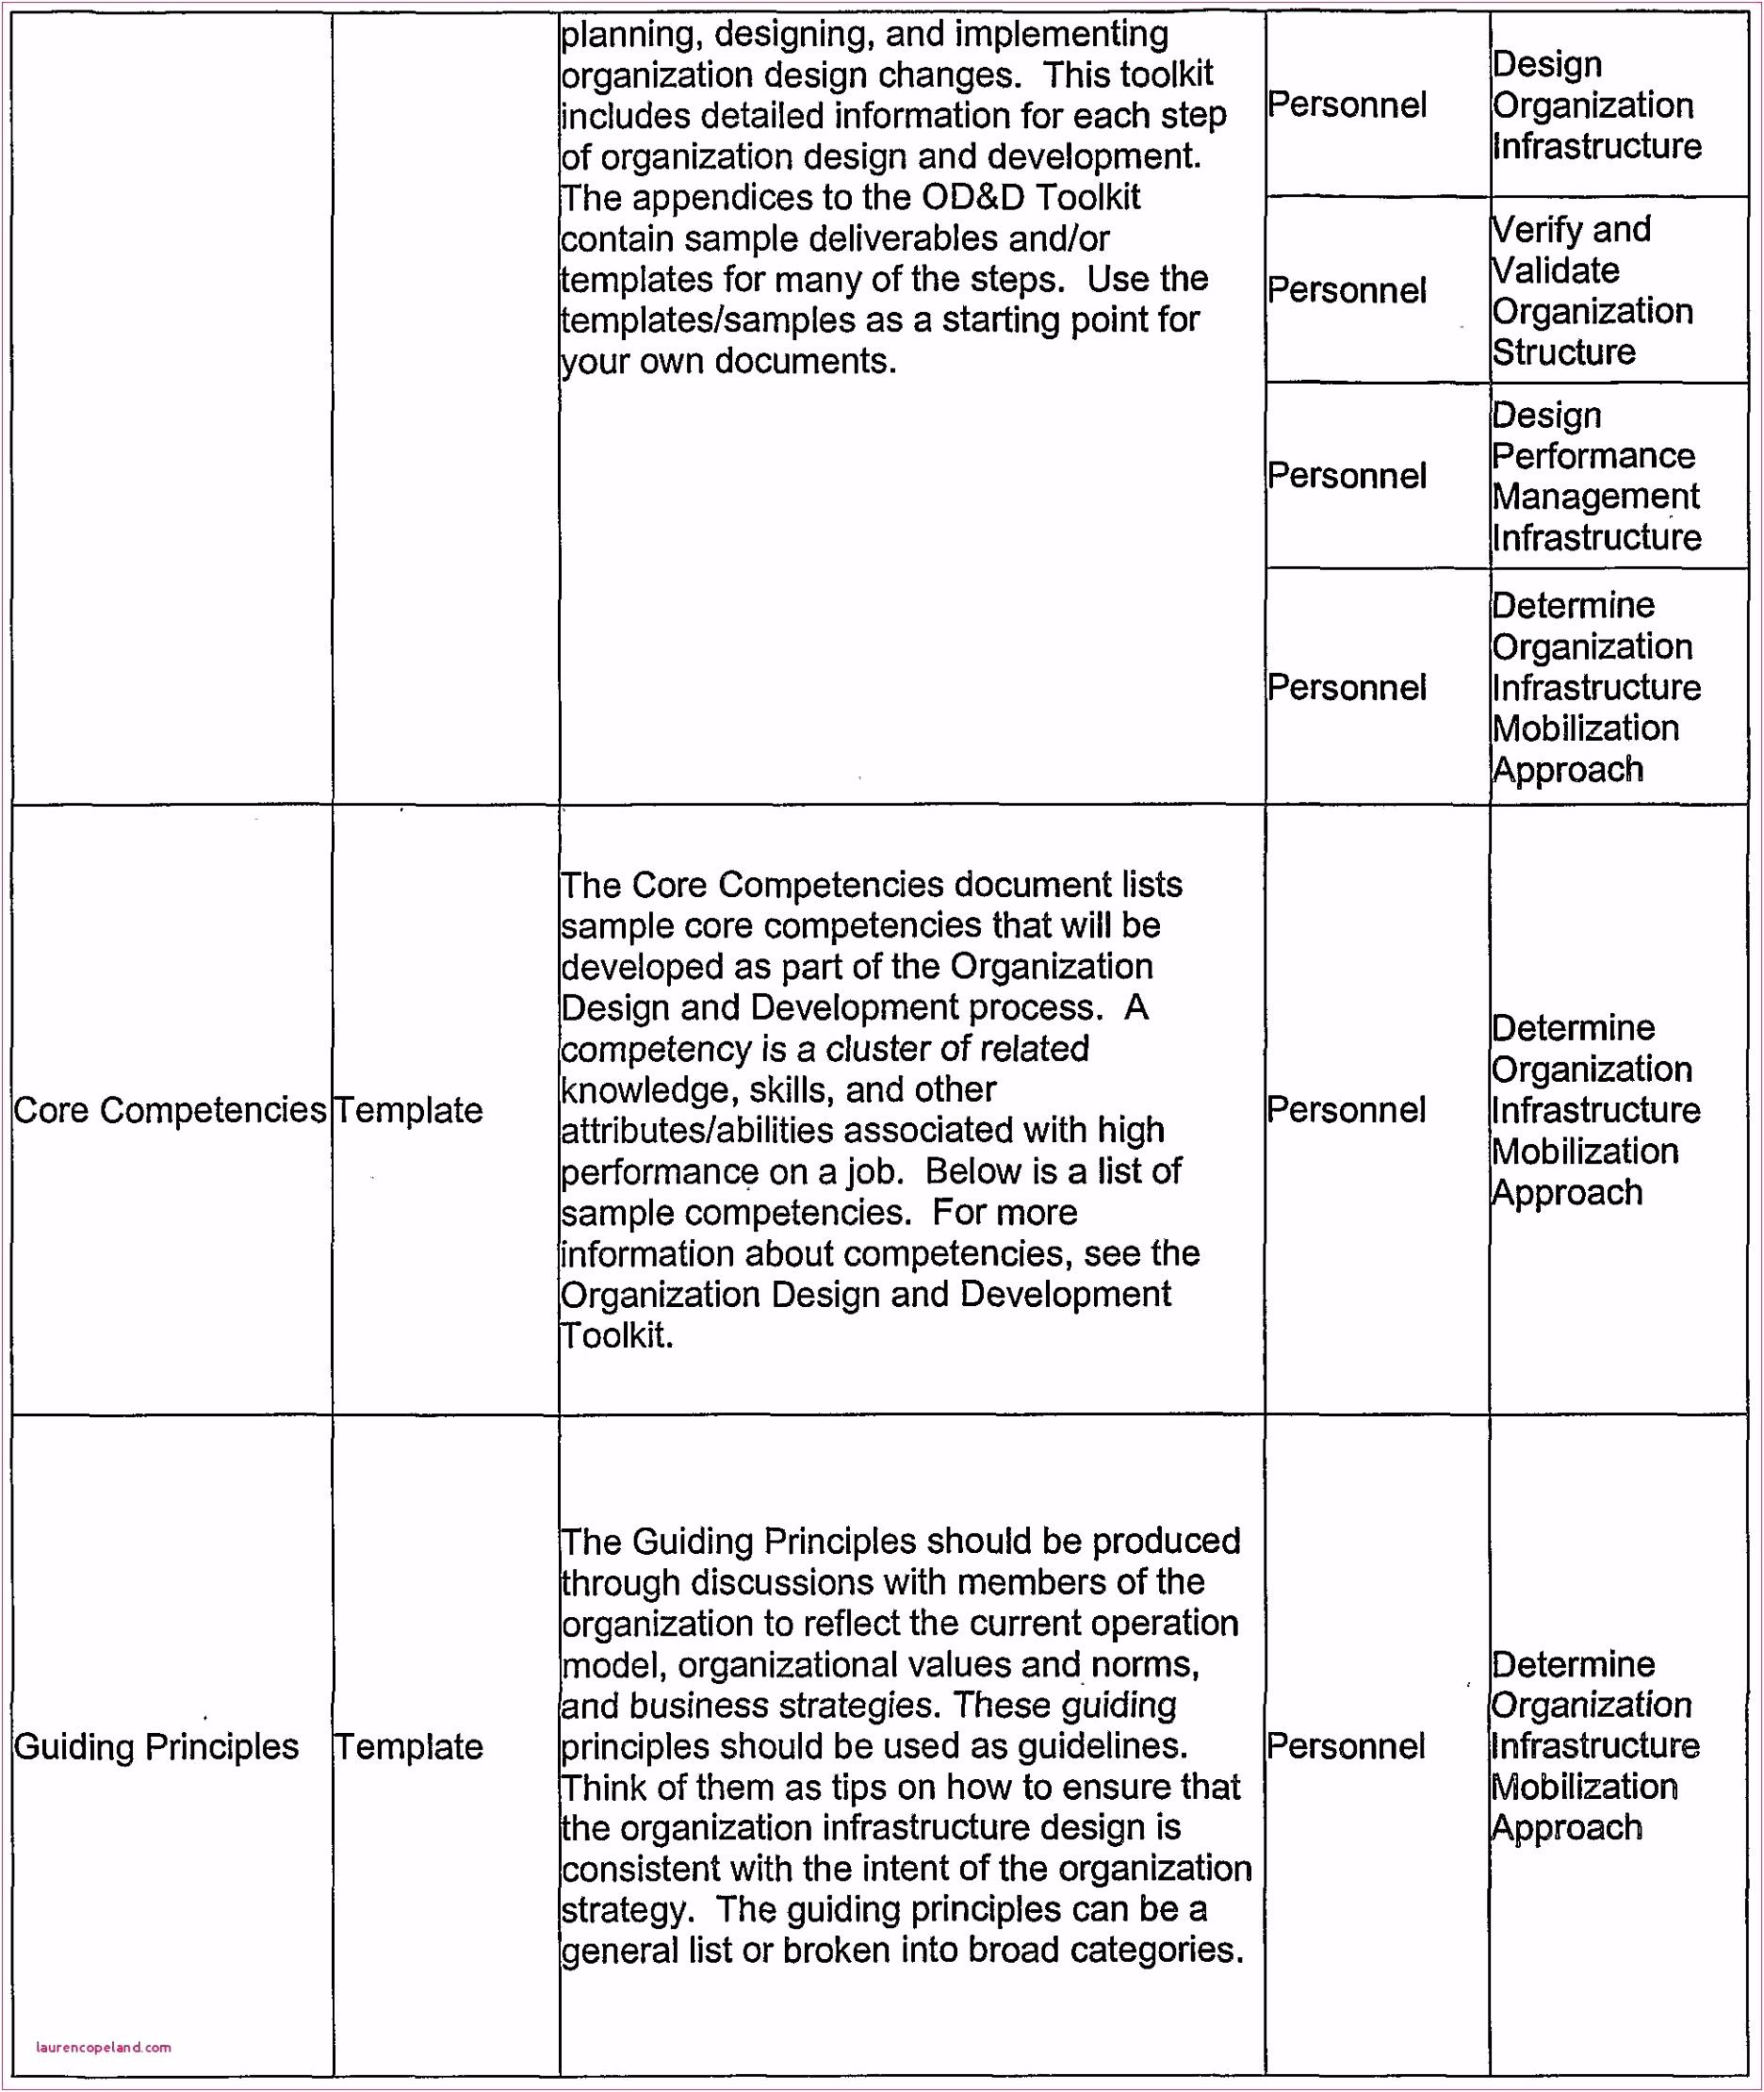 Detaillierte Projektstrukturplan Vorlage Excel Kostenlos